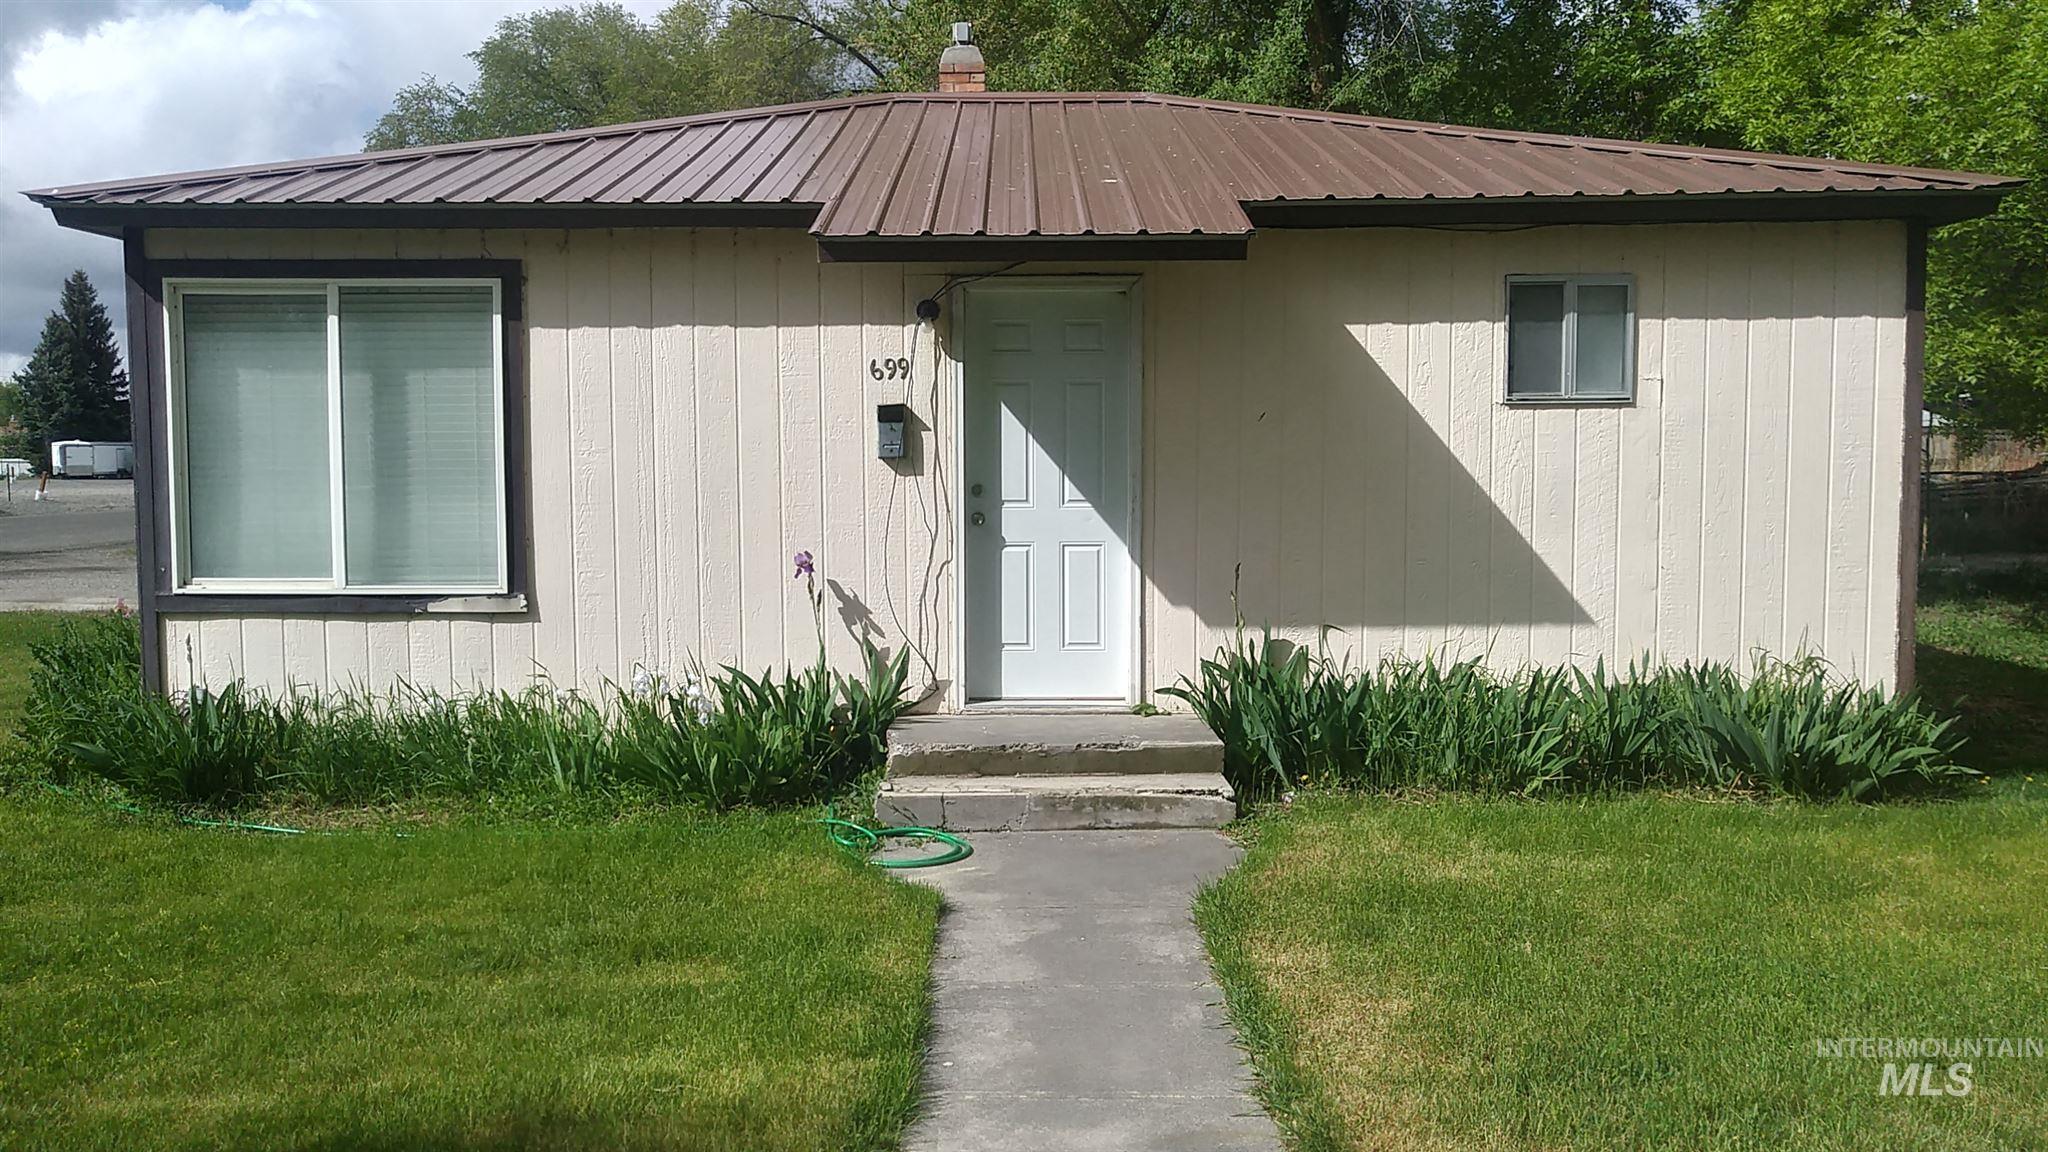 697 S Stout Property Photo 3